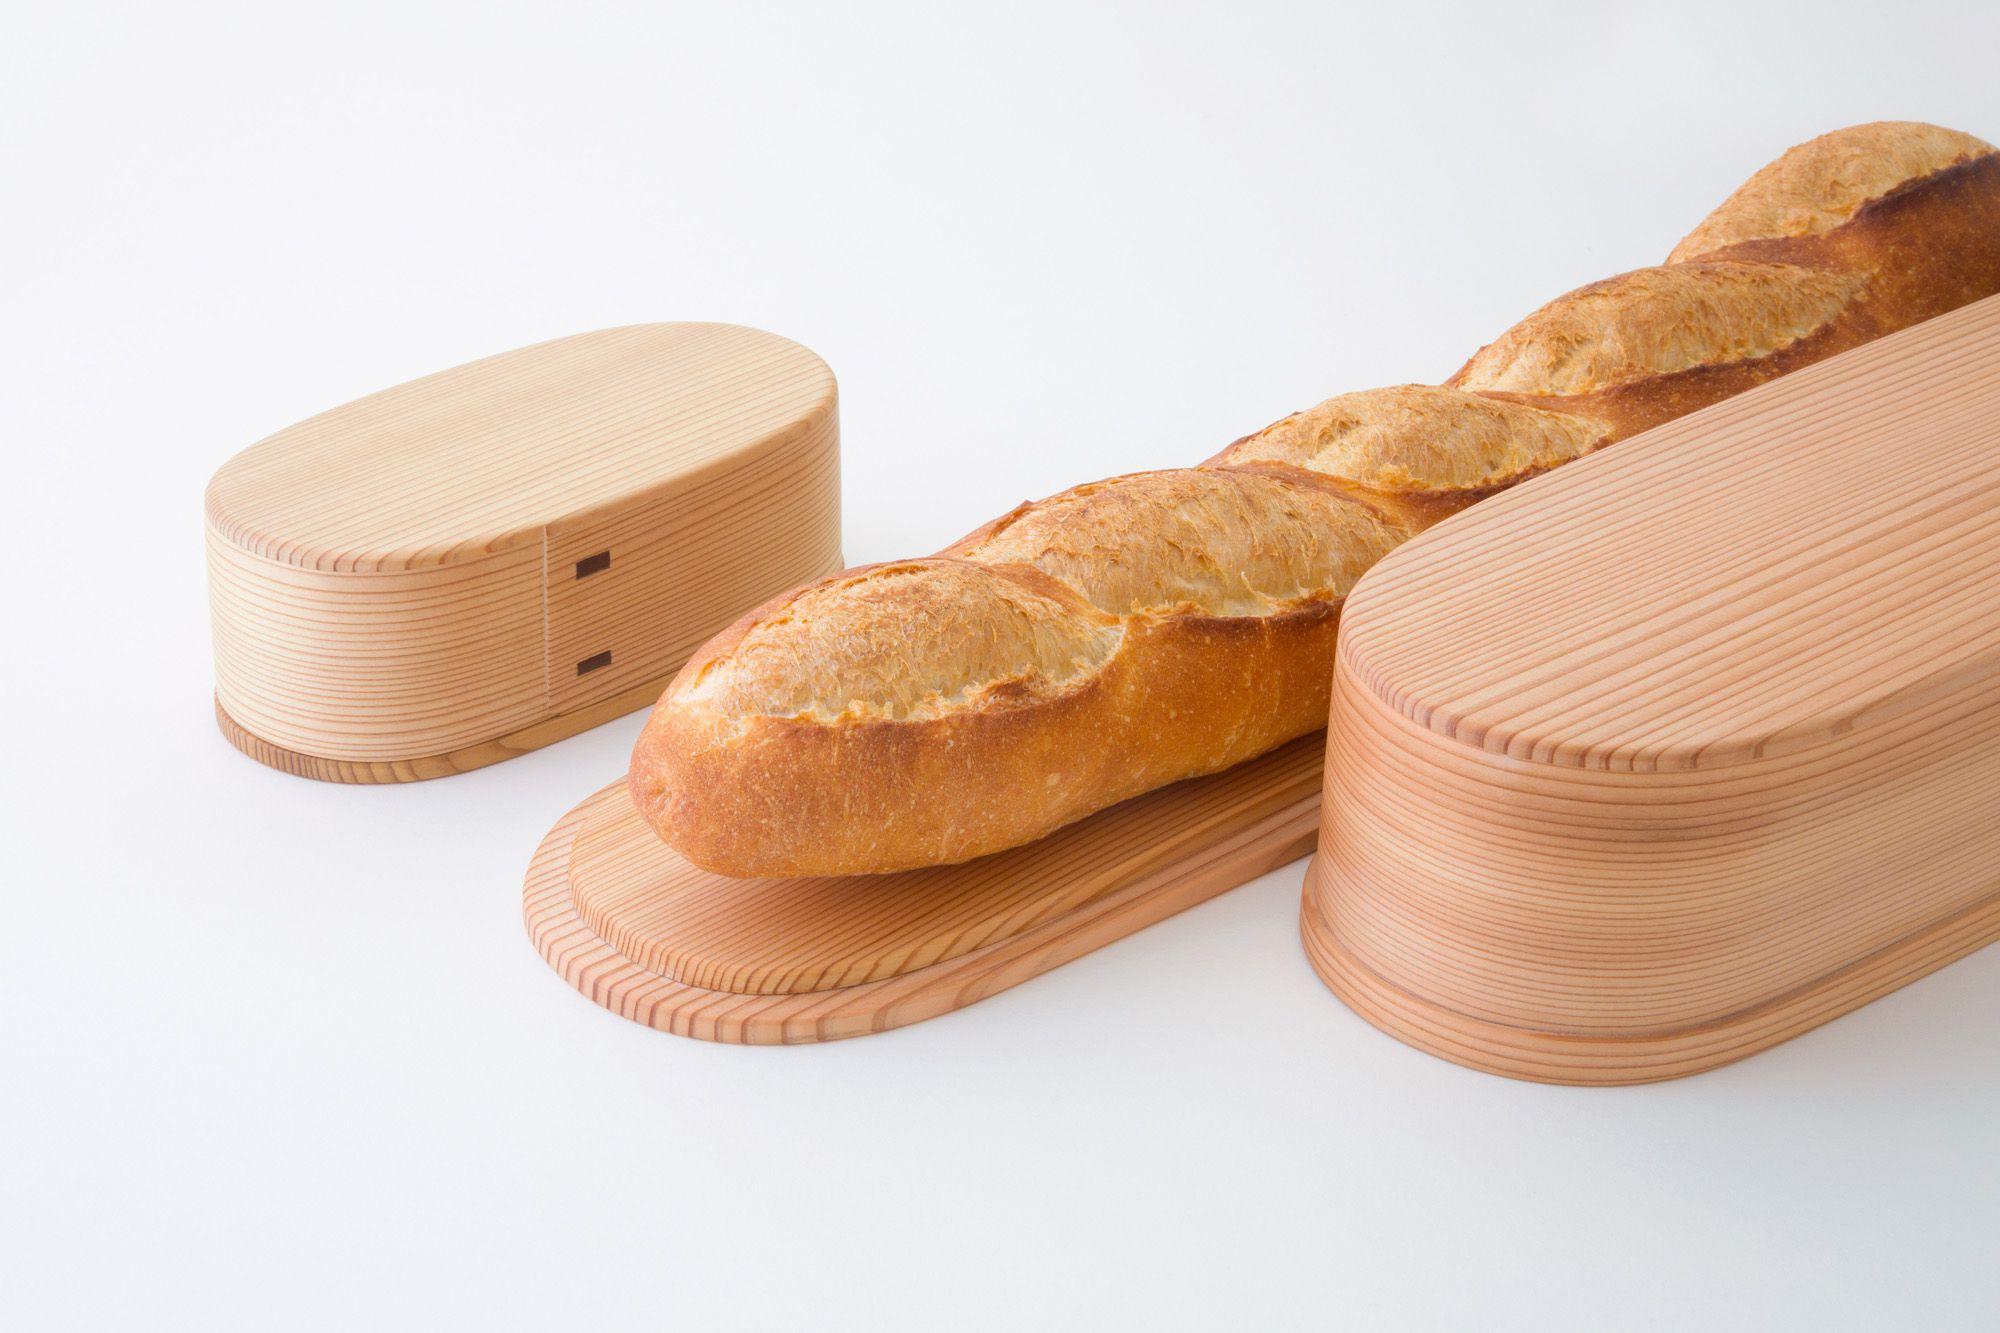 フランスパンにピッタリなサイズの「Baguette Container(バゲット・コンテナ)」30,240円とバターを保存する「Butter Case(バター・ケース)」7,020円。価格はすべて税込。